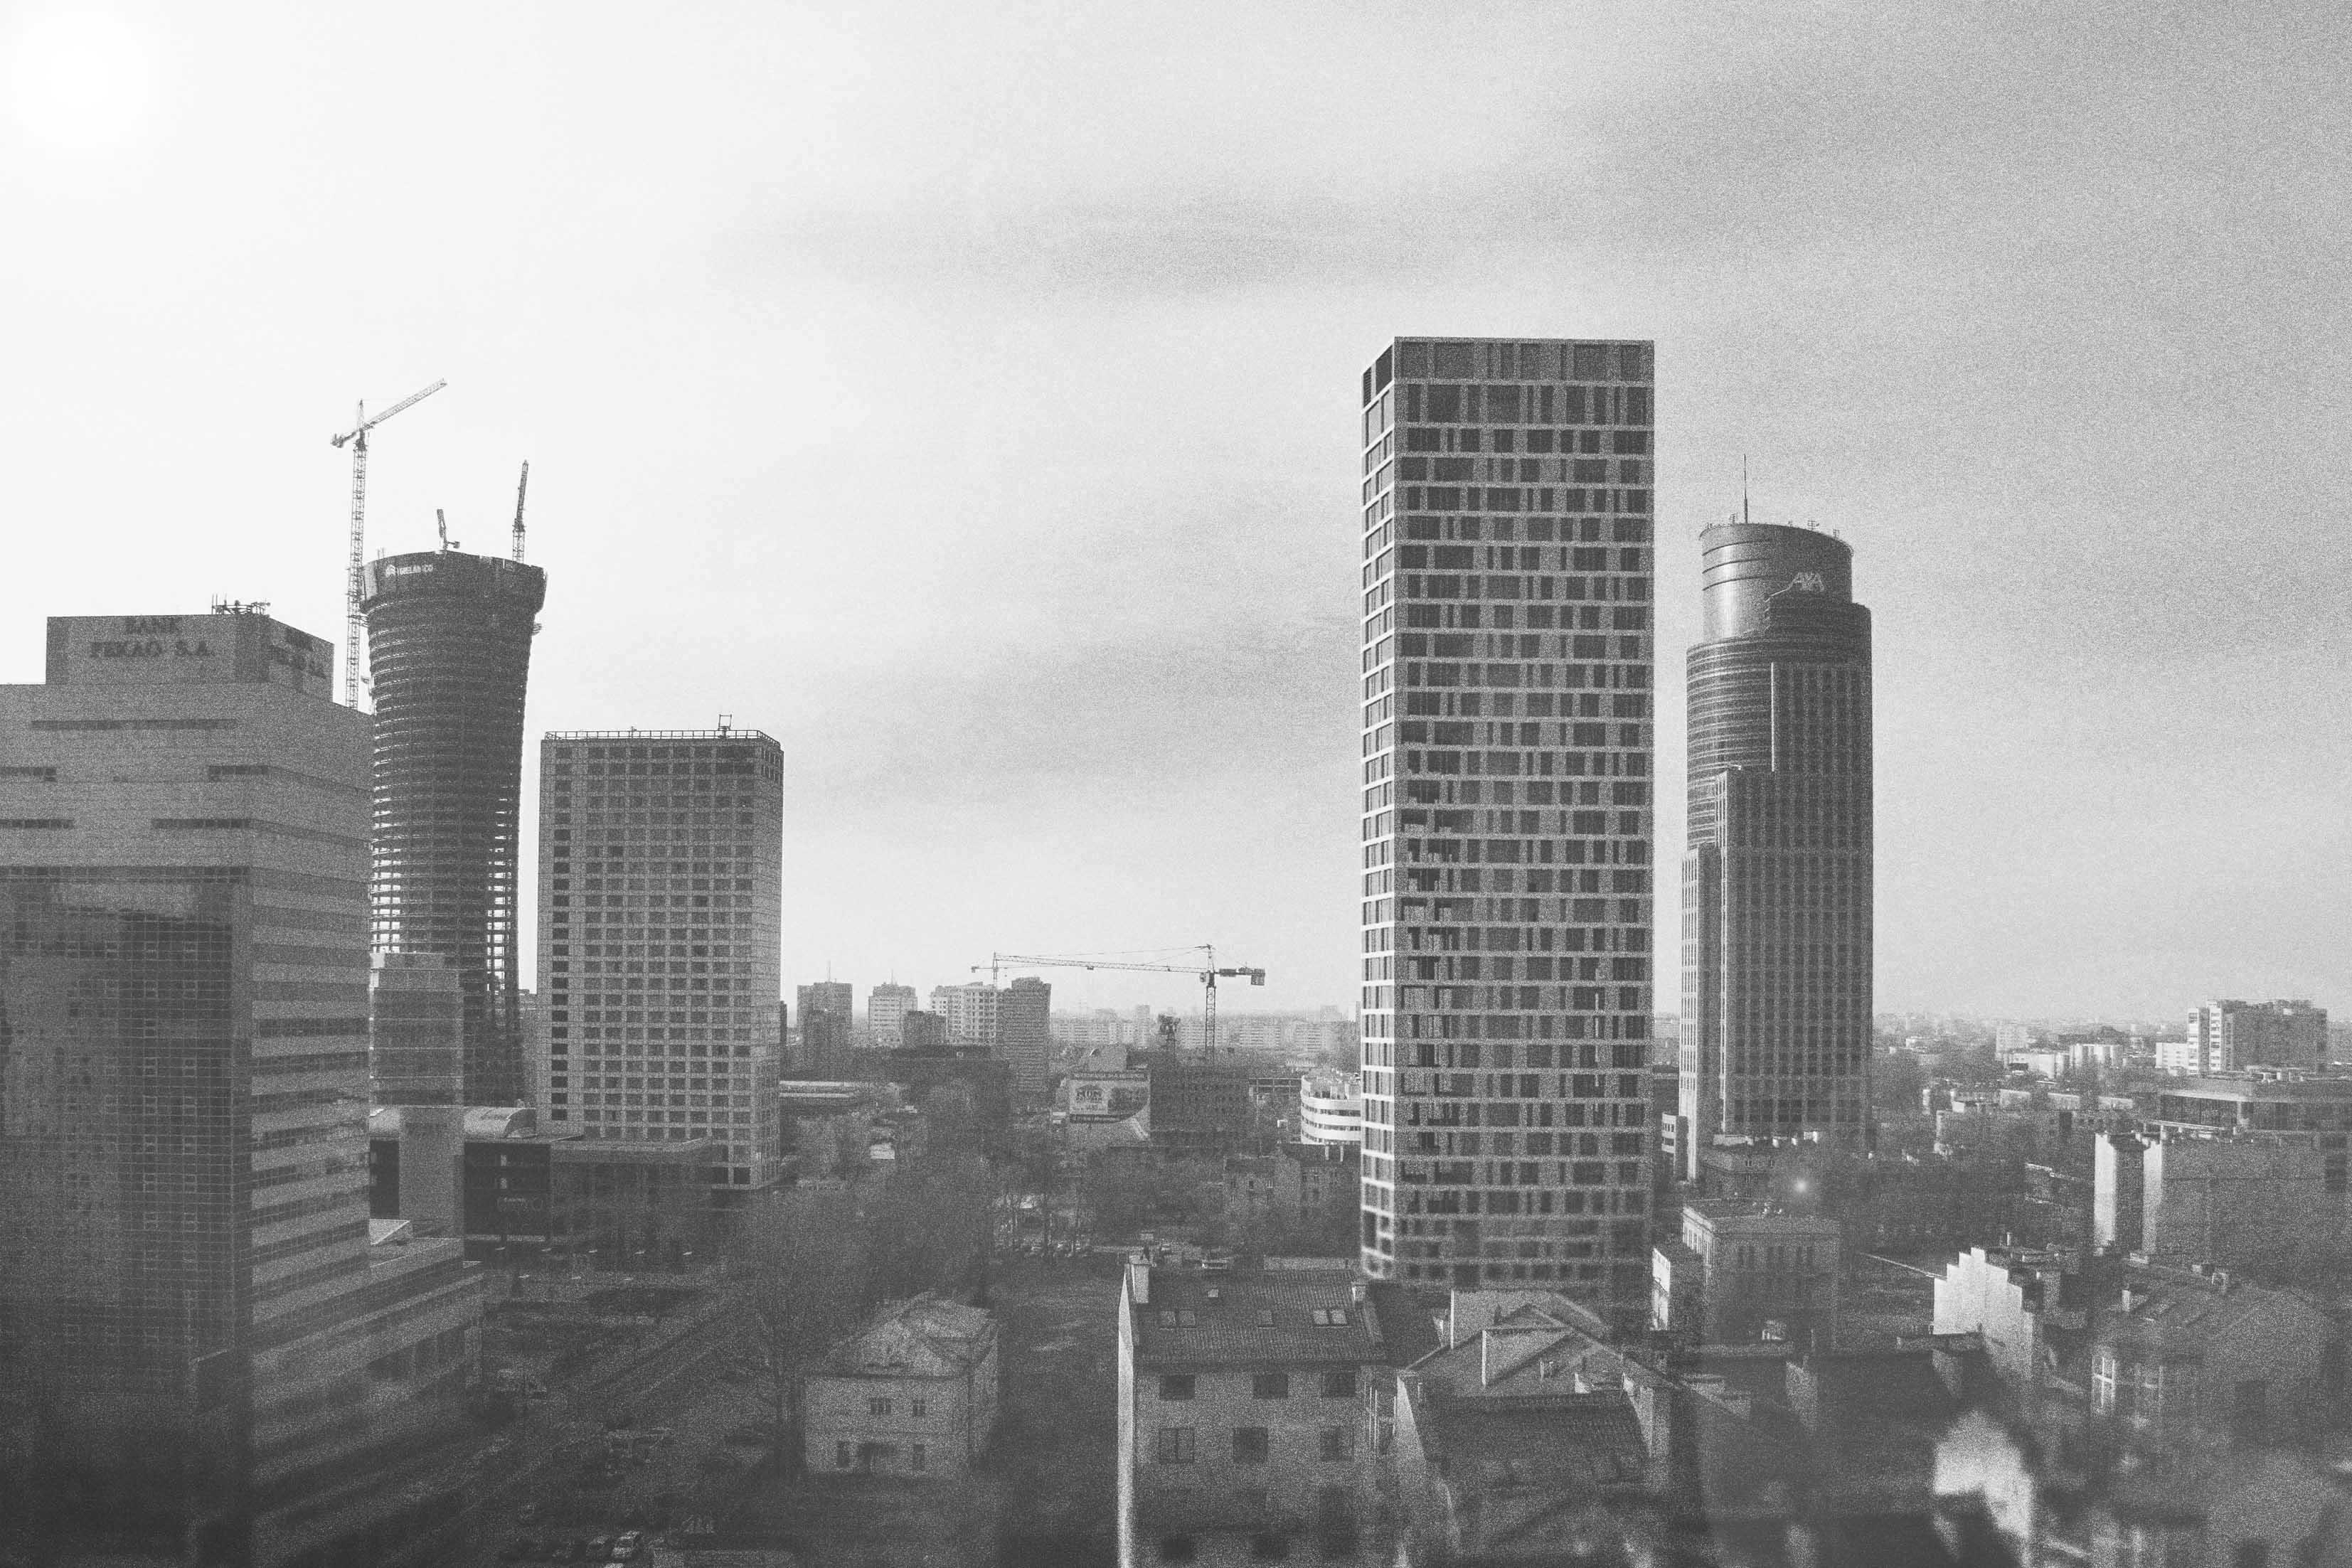 Wieżowiec w Warszawie